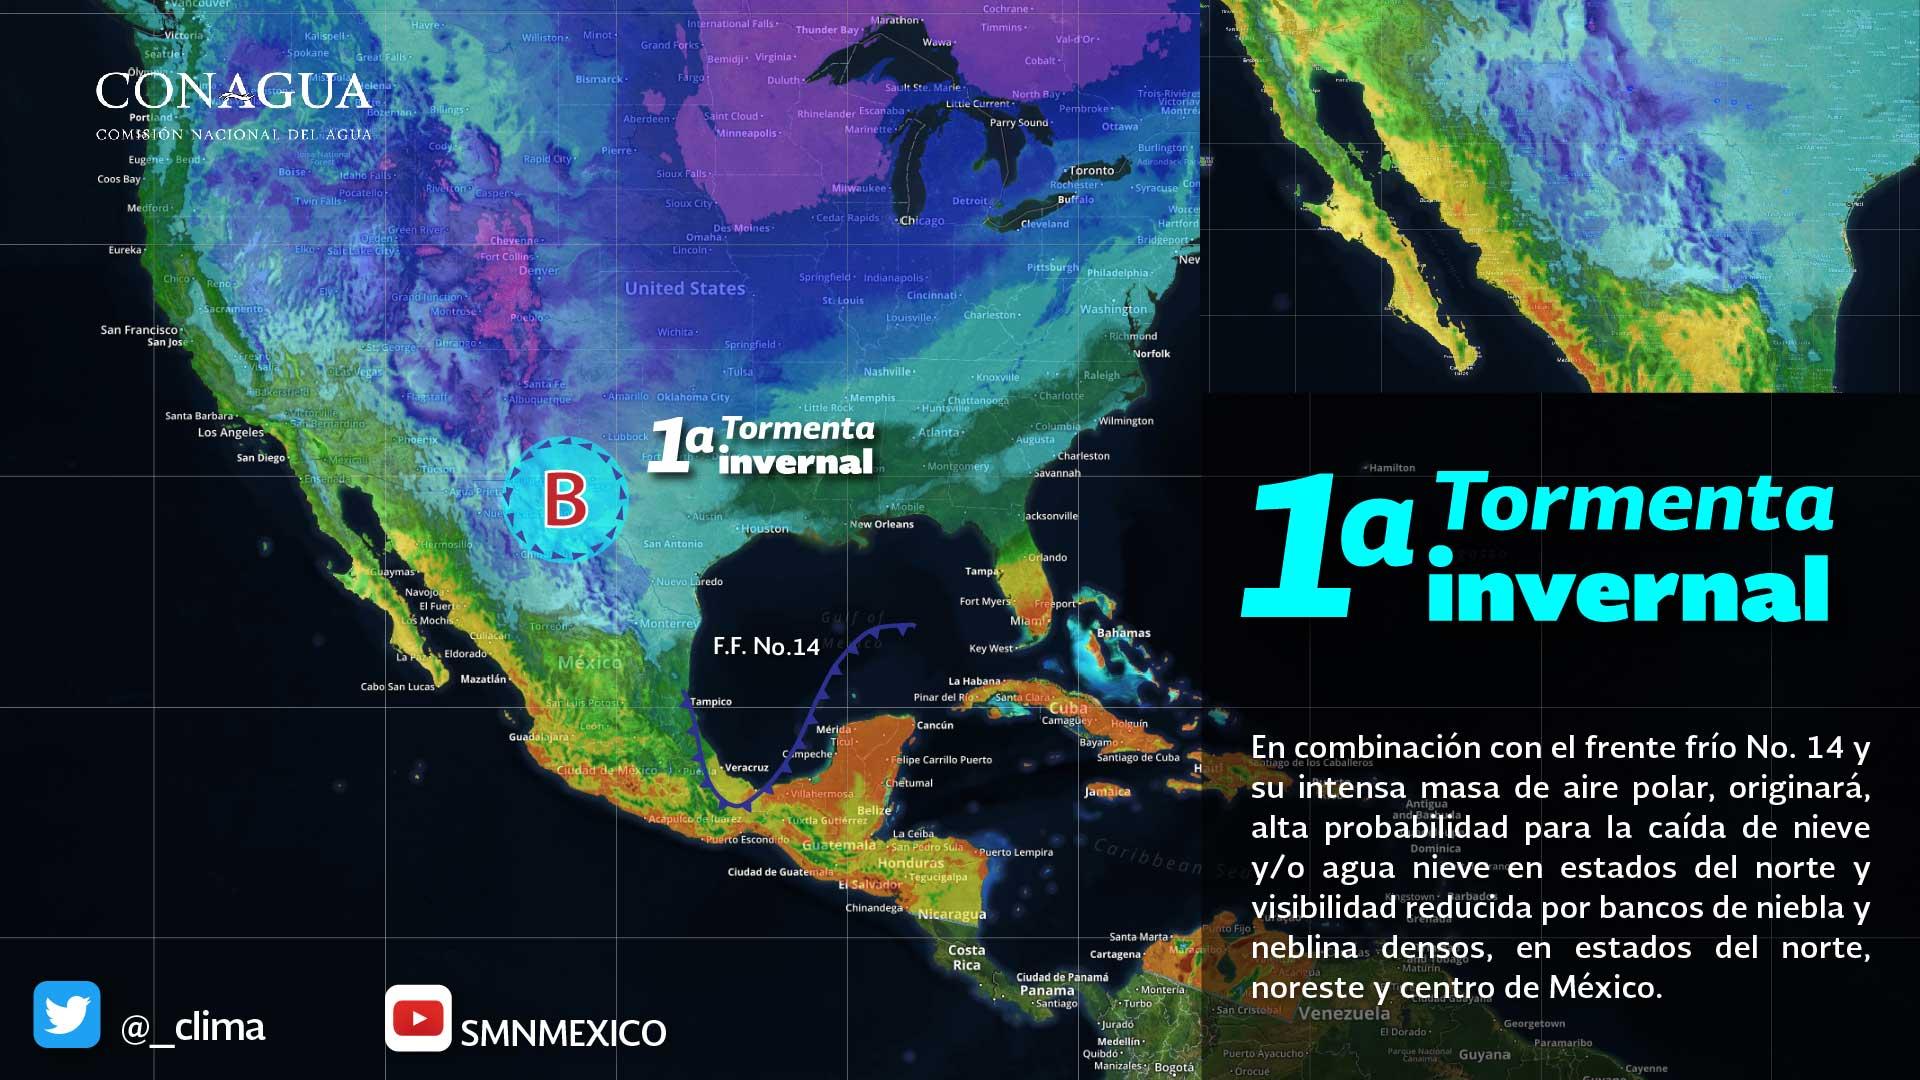 Protección Civil da seguimiento a la primer tormenta invernal que generará descenso de temperaturas en Chiapas